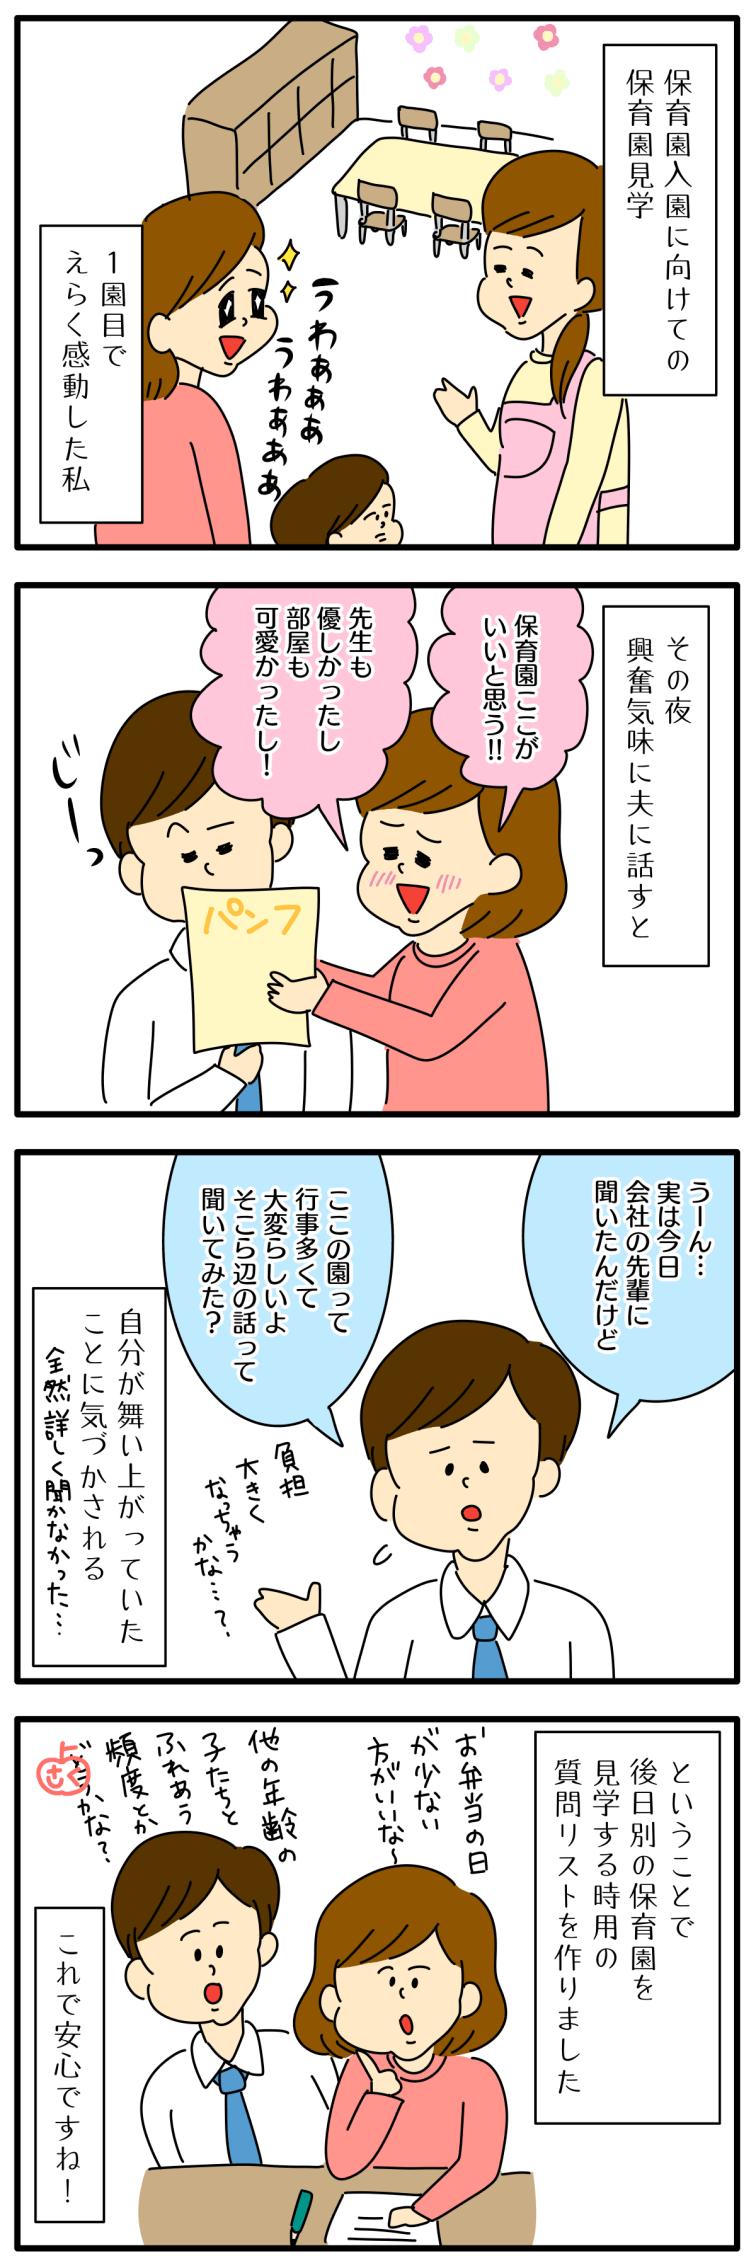 保育園の見学についての永岡さくら(saku)さんの子育て4コマ漫画